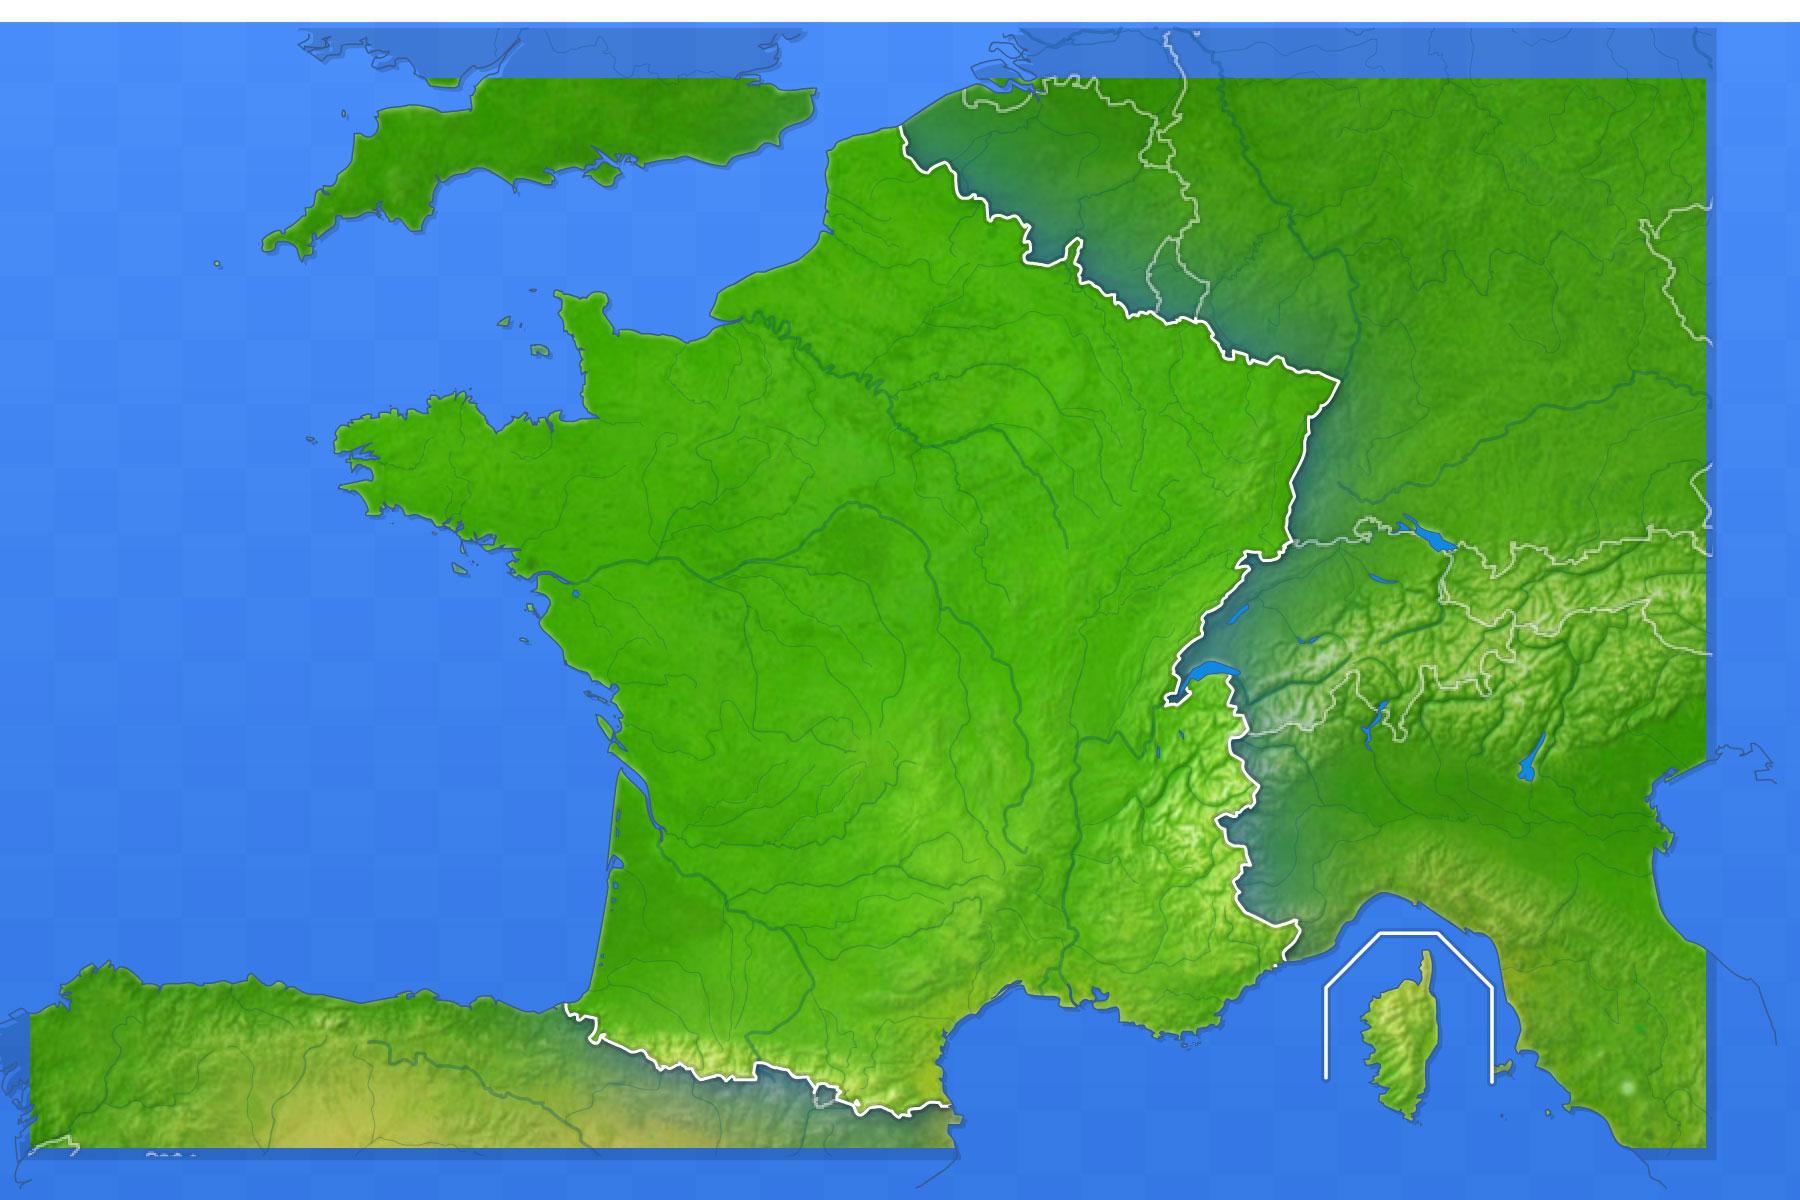 Jeux-Geographiques Jeux Gratuits Jeu Villes De France serapportantà Jeu De Carte De France